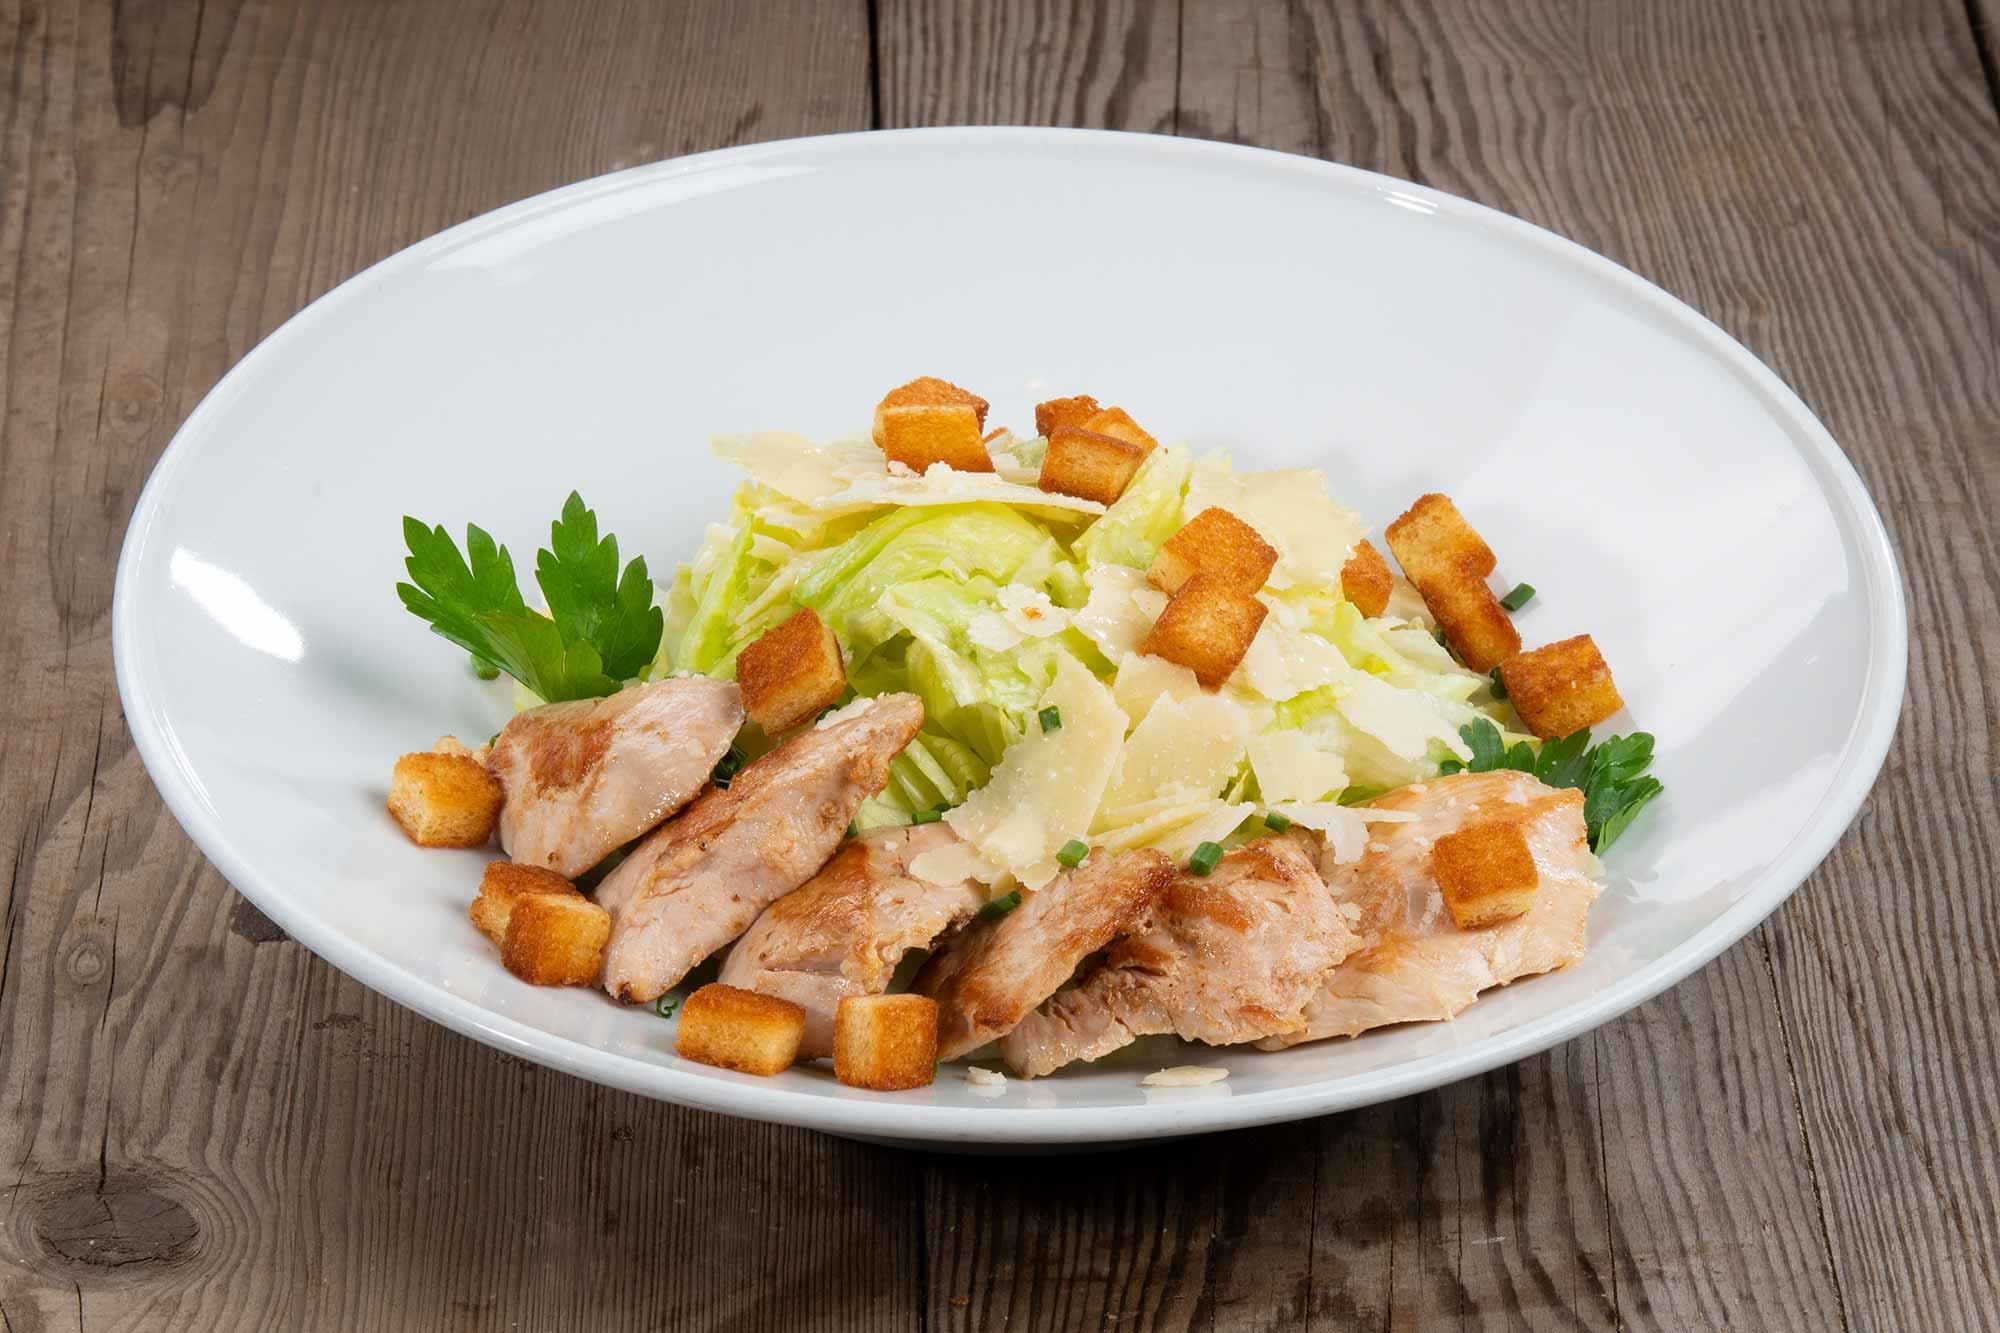 Emils Salat - Mix Salat,  Parmesan, Croutons, Hähnchenstreifen, Tomaten, Joghurt oder Balsamico Dressing, Ciabatta Brötchen